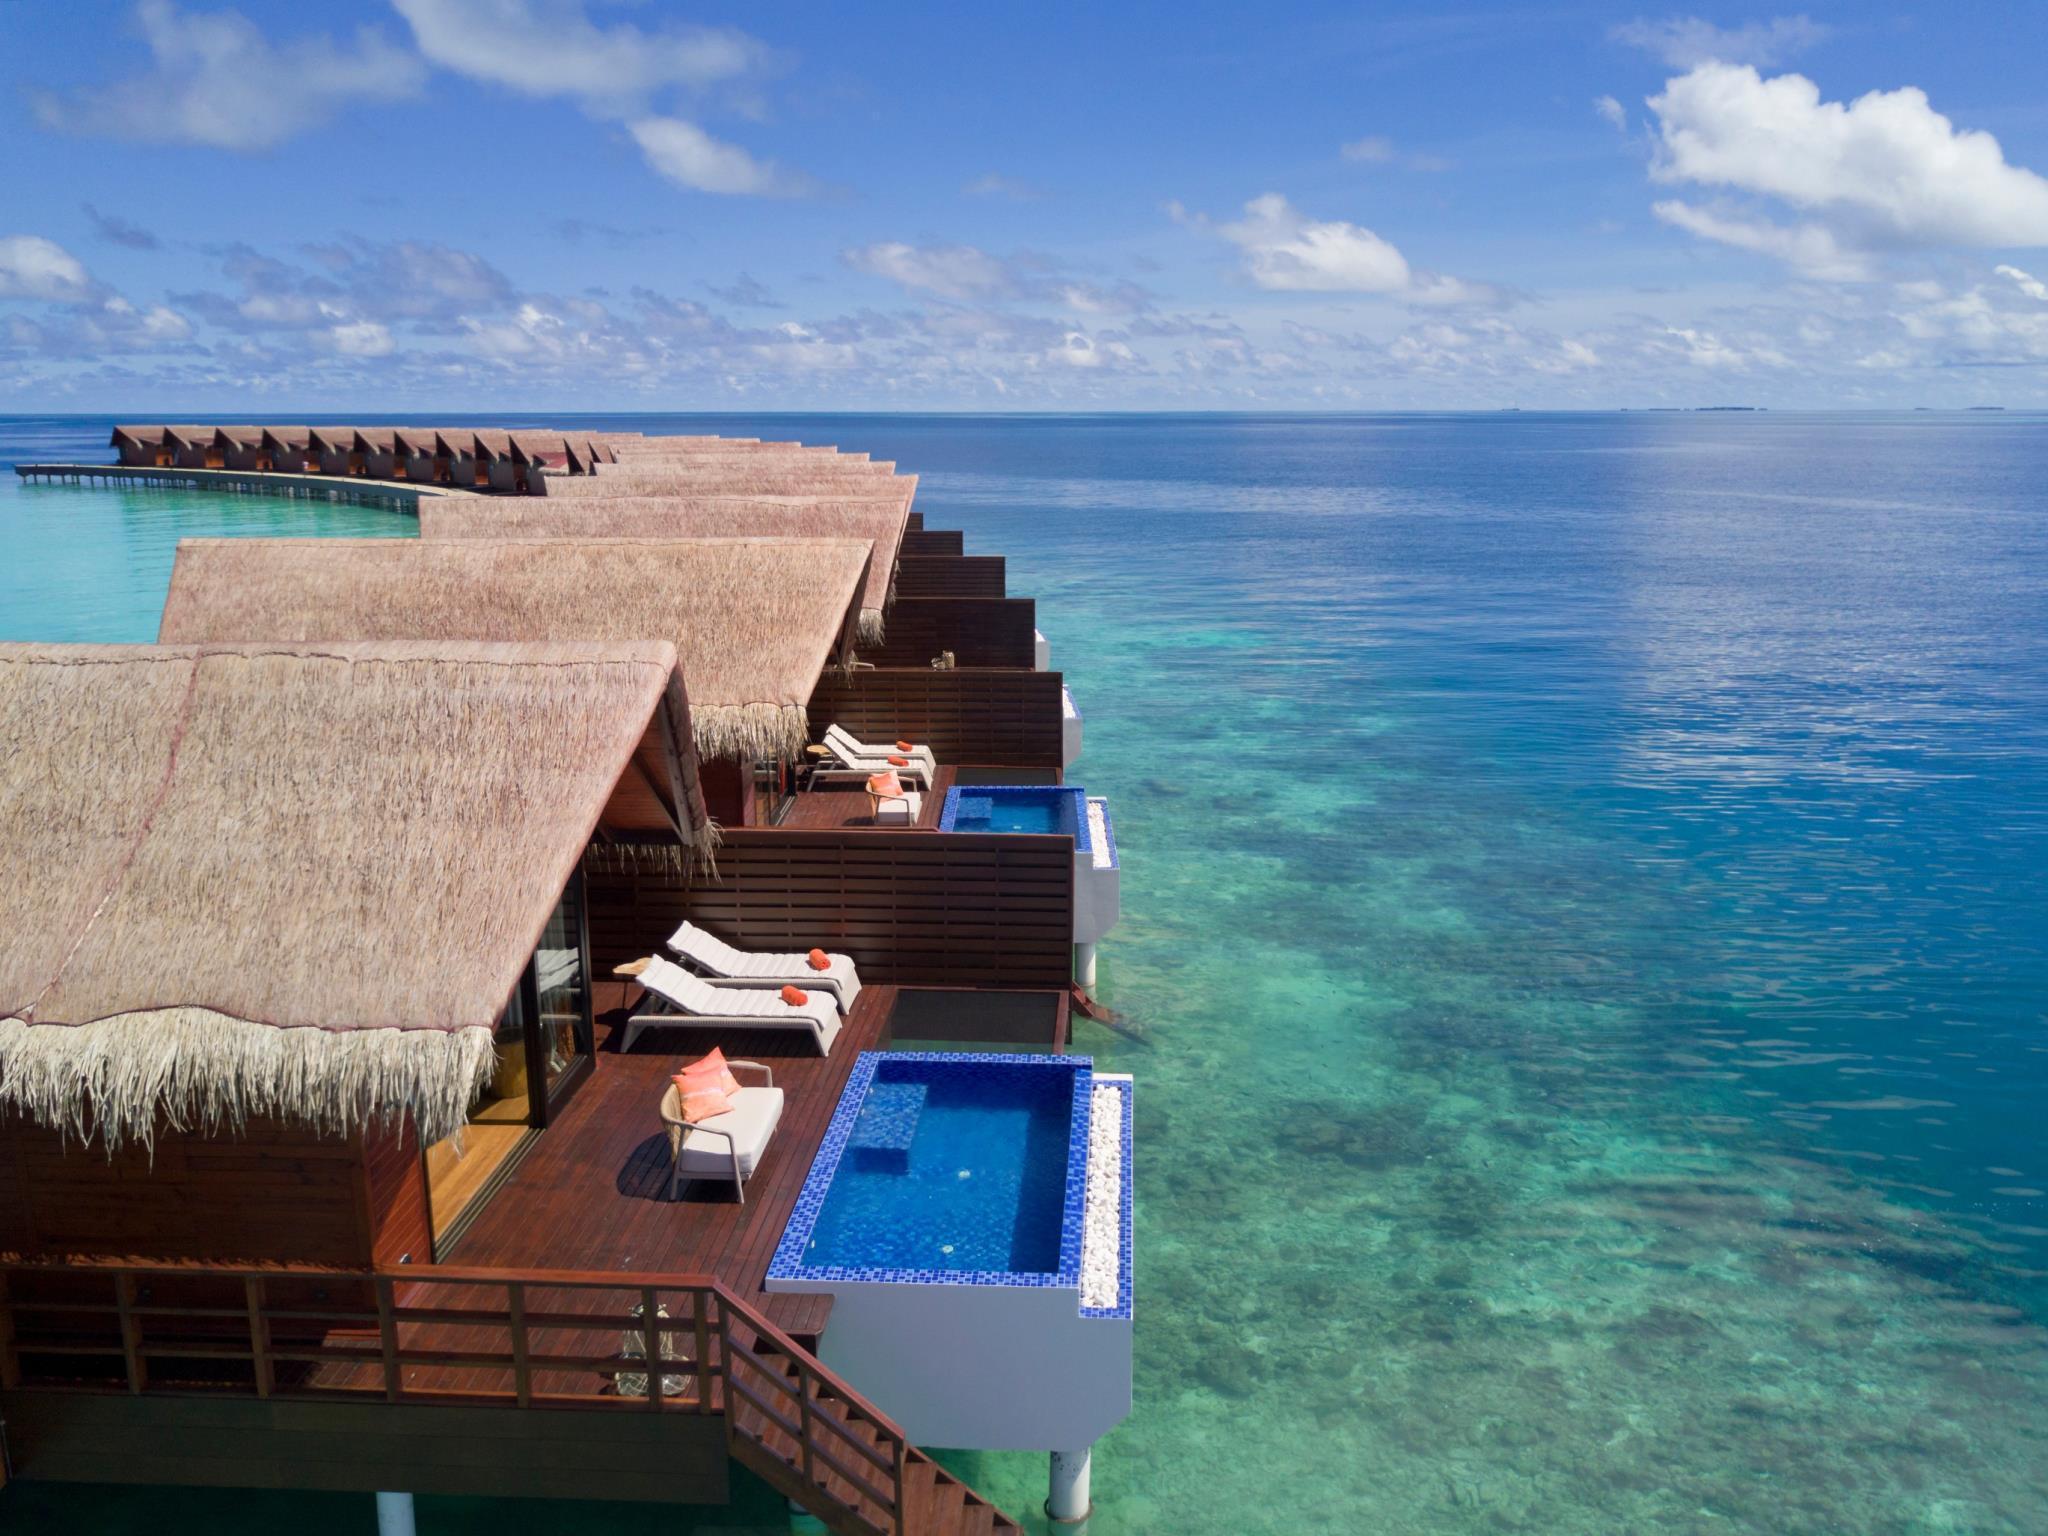 Aeroporto Male Maldive : Grand park kodhipparu maldives ilhas maldivas oportunidades de